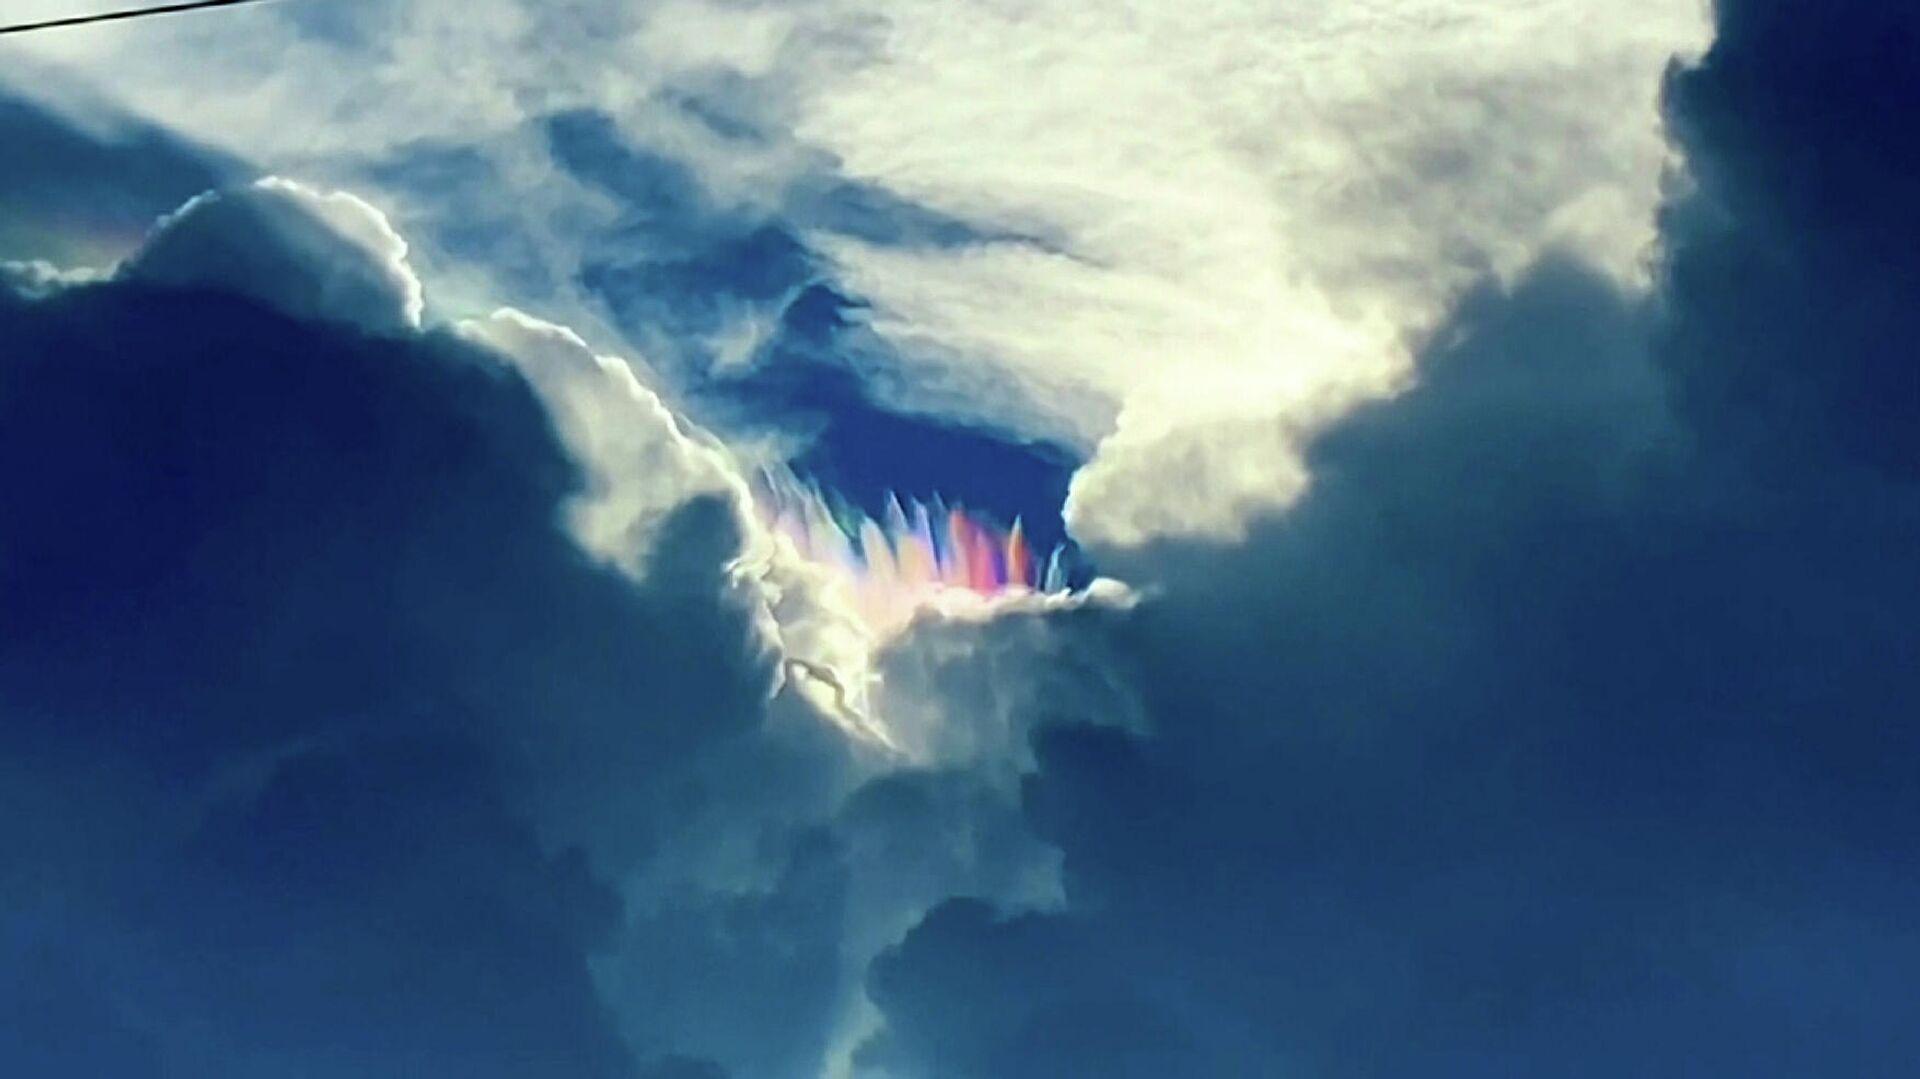 Σπάνιο και εντυπωσιακό φαινόμενο ζωγραφίζει τον ουρανό στο Ακρωτήρι Κανάβεραλ - Sputnik Ελλάδα, 1920, 18.08.2021